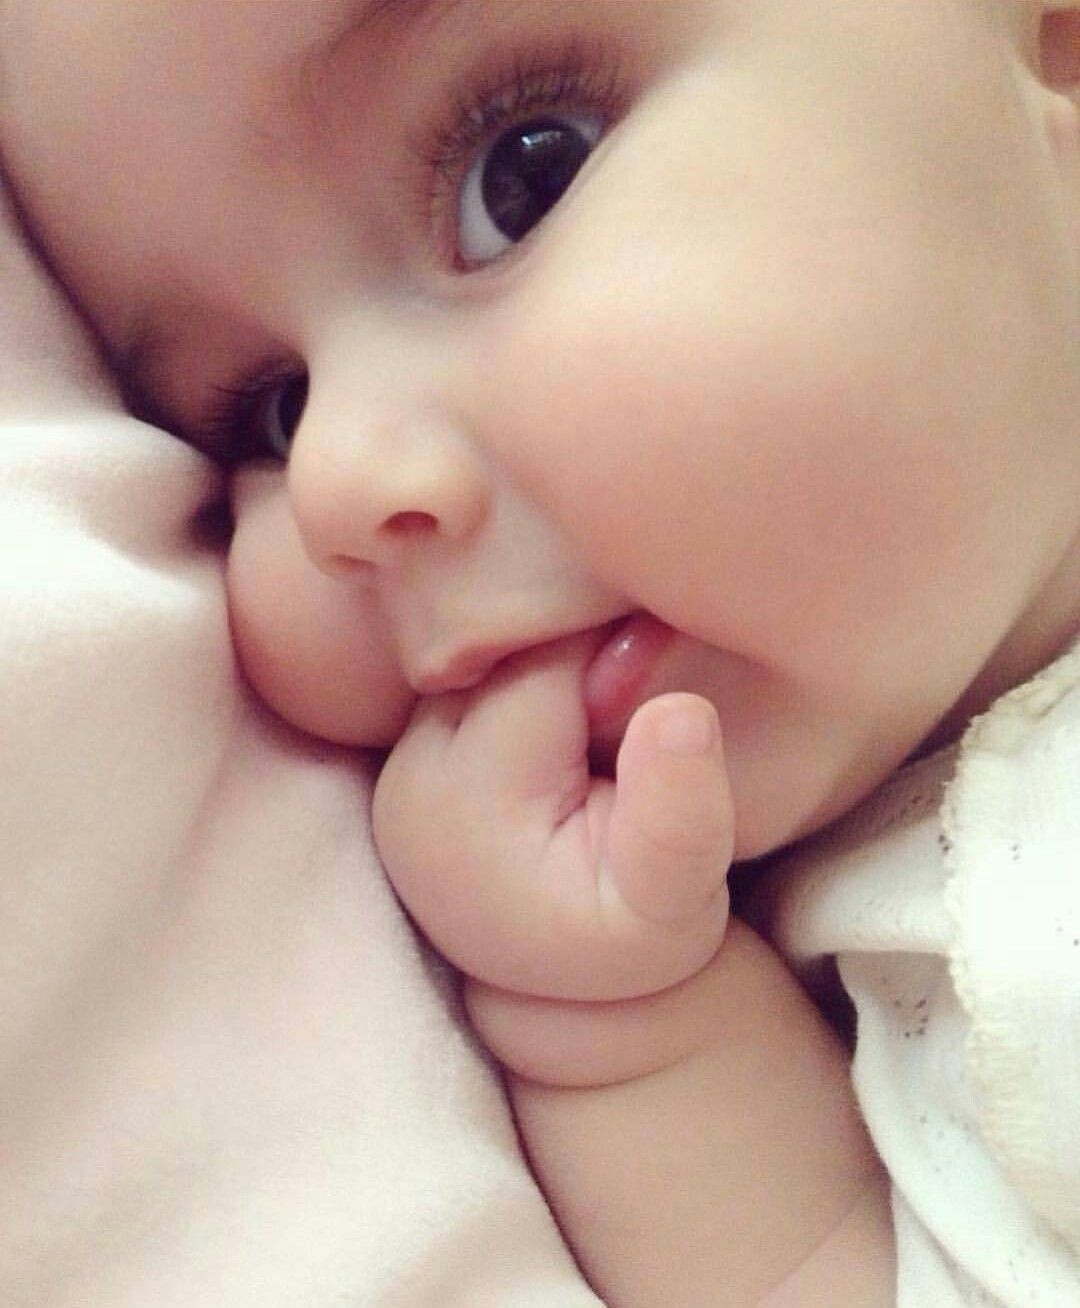 Love Cute Baby : Ognuno, Regali, Fare...., Little, Baby,, Pictures